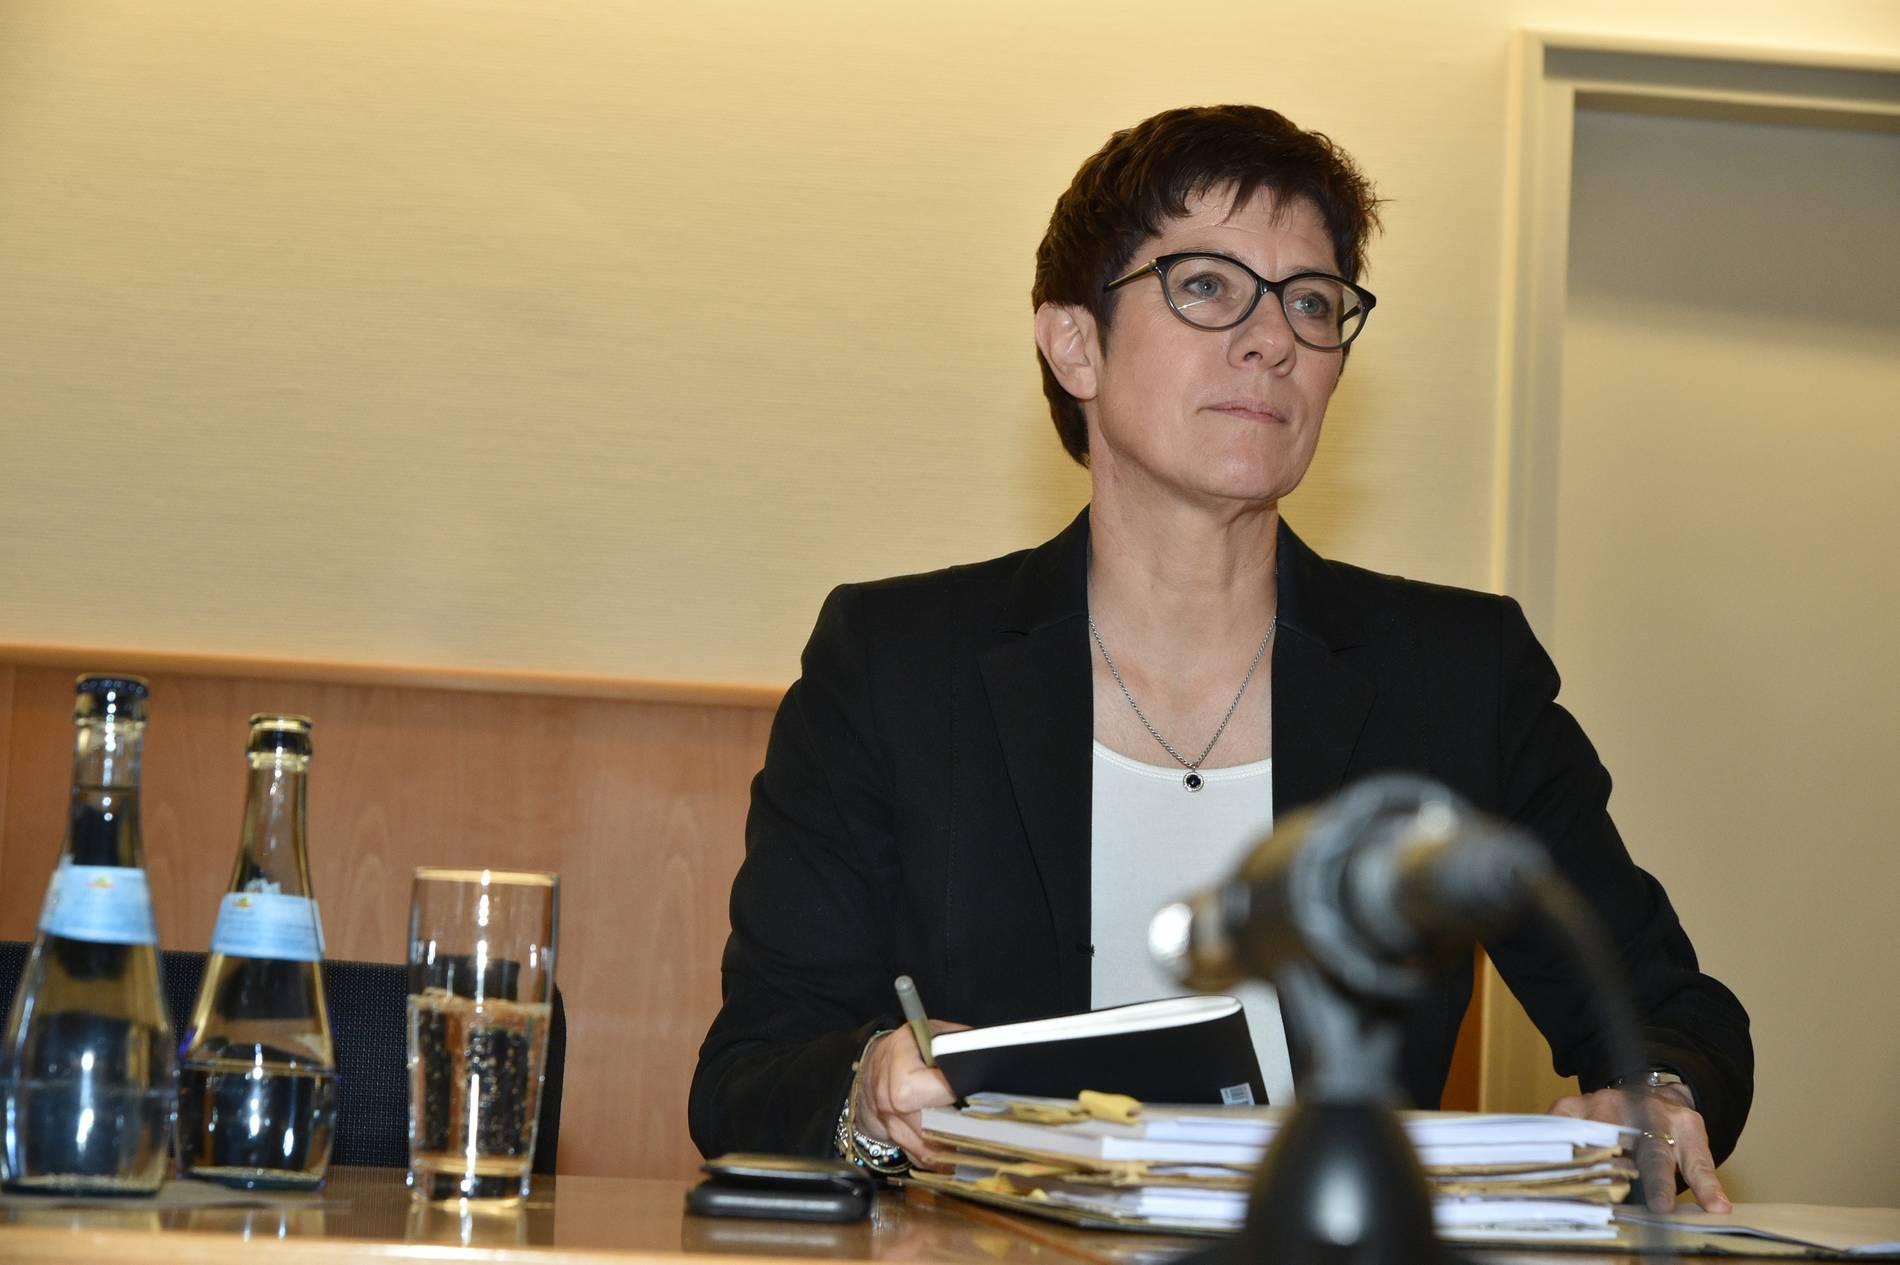 Parteien - Kramp-Karrenbauer kritisiert Röttgen und Merz